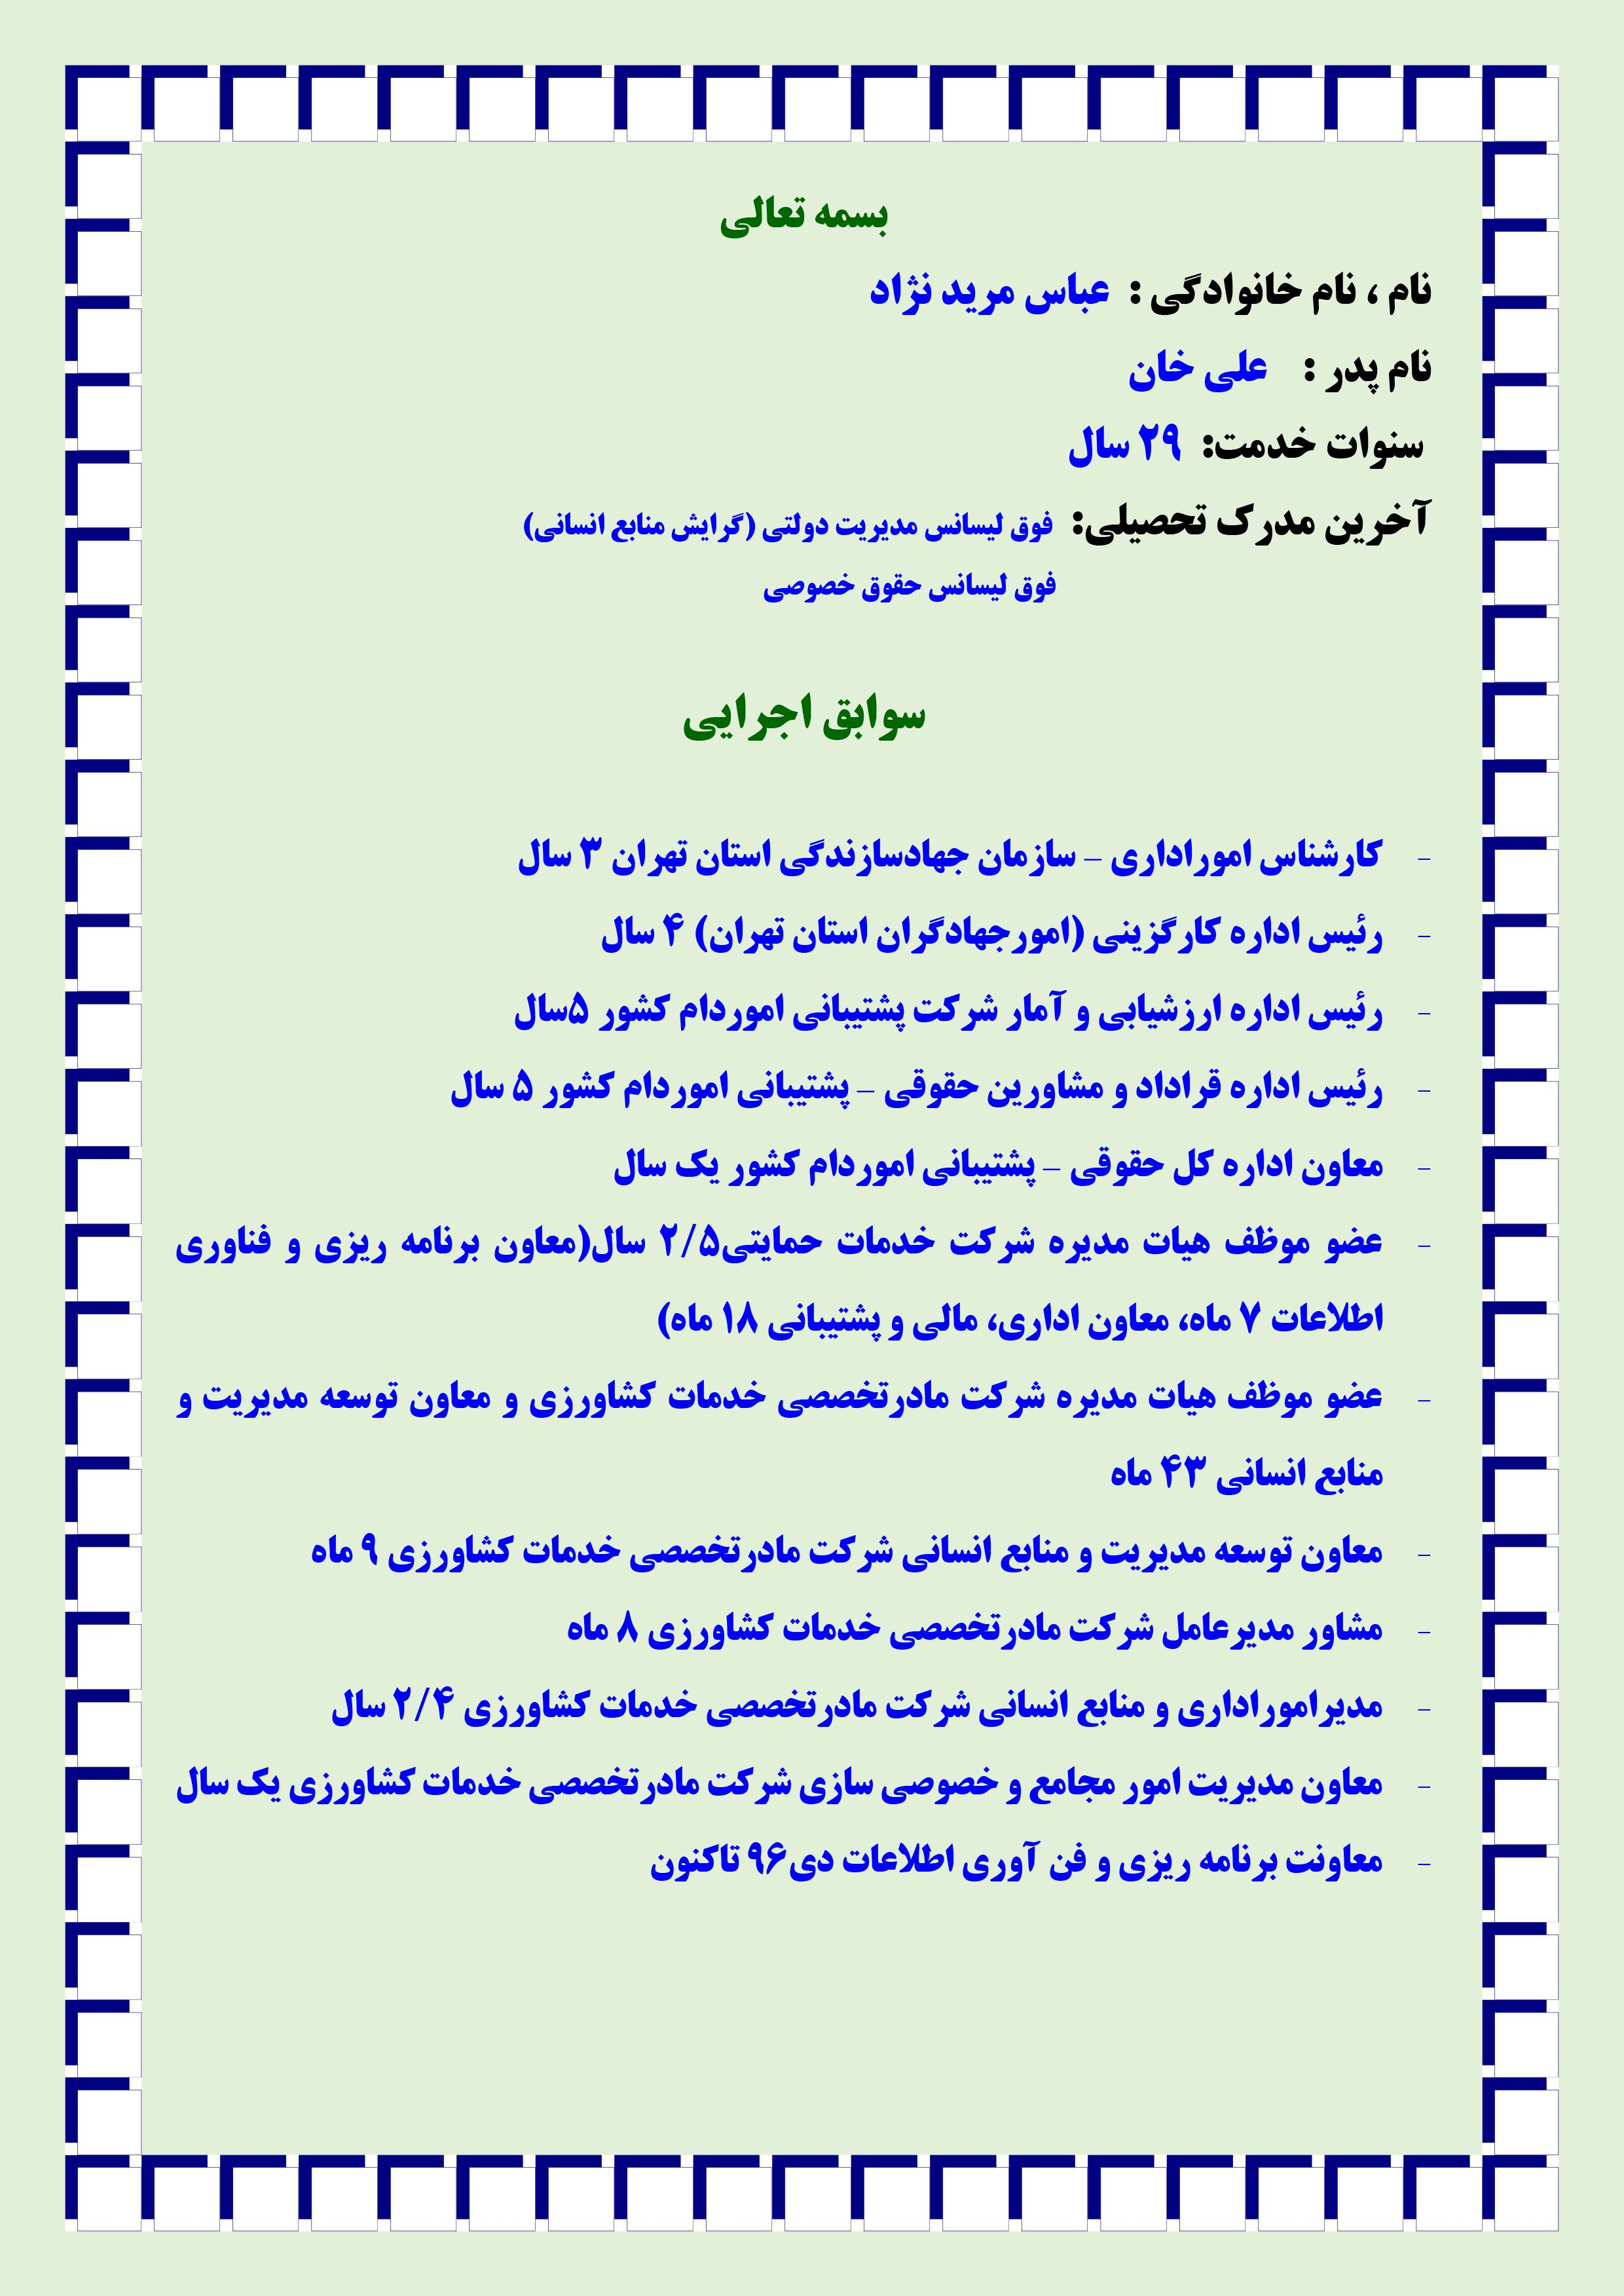 عباس مریدنژاد